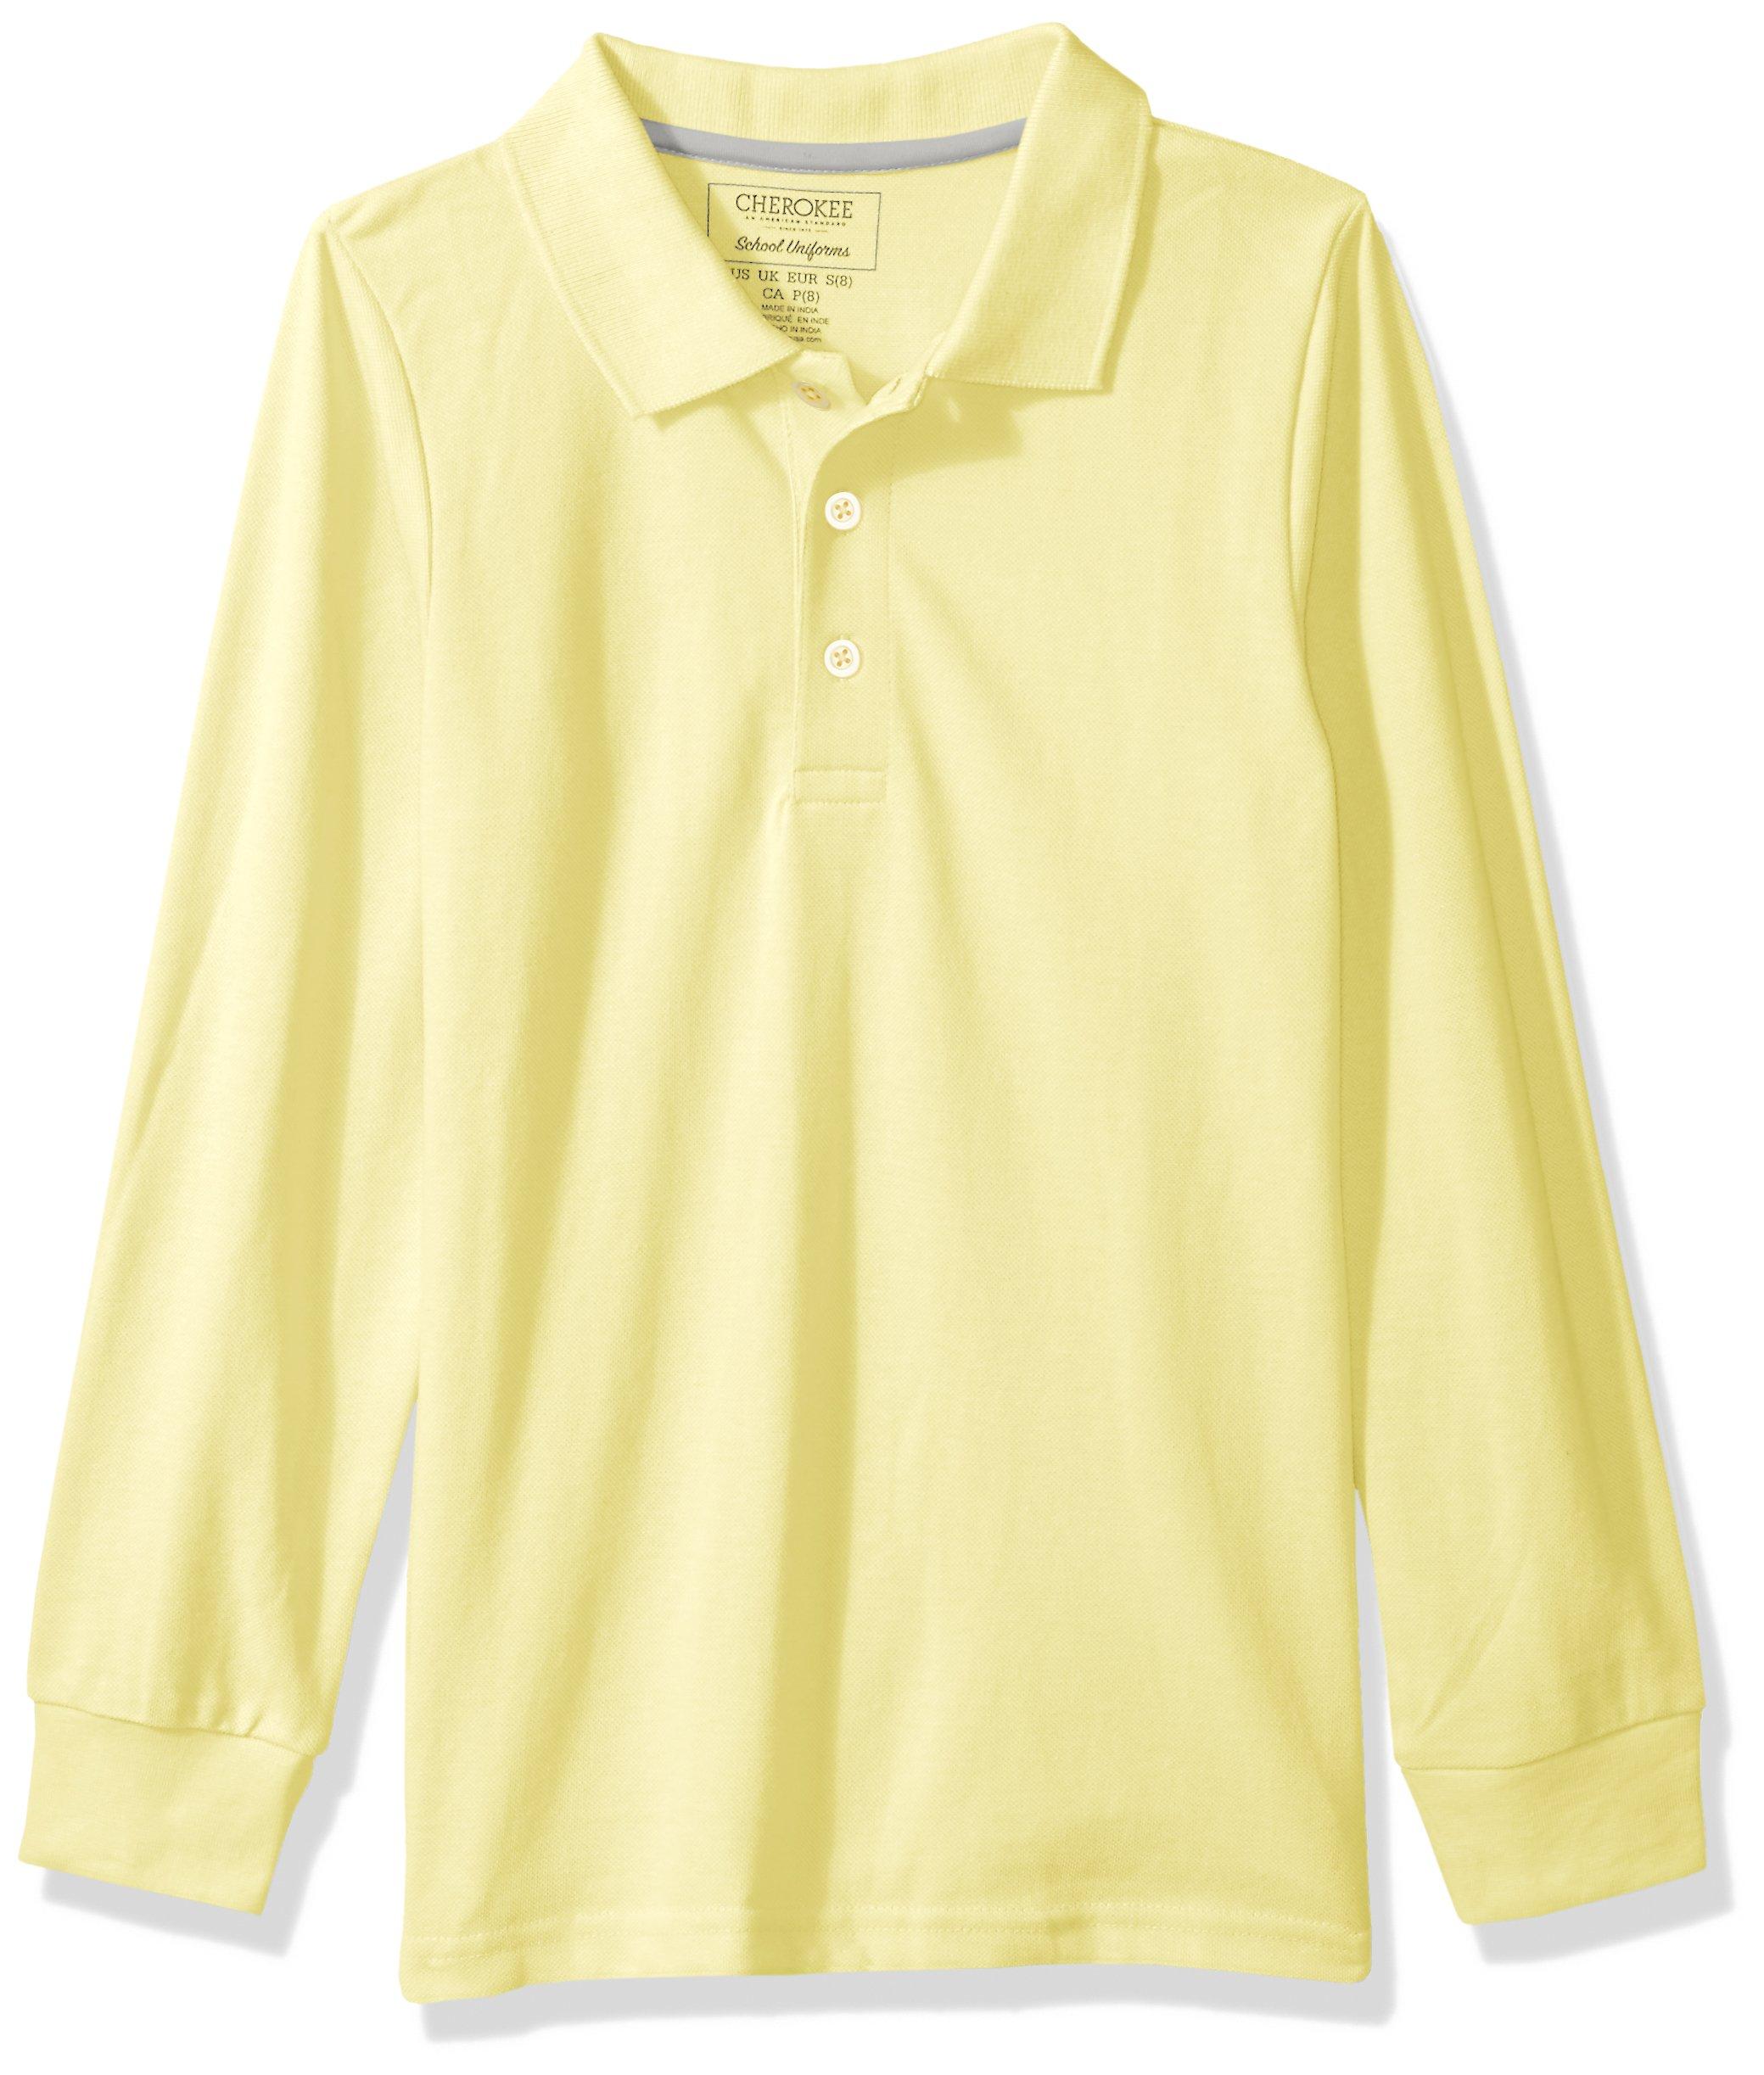 Cherokee Big Boys' Uniform Long Sleeve Pique Polo, Light Yellow, 14/16